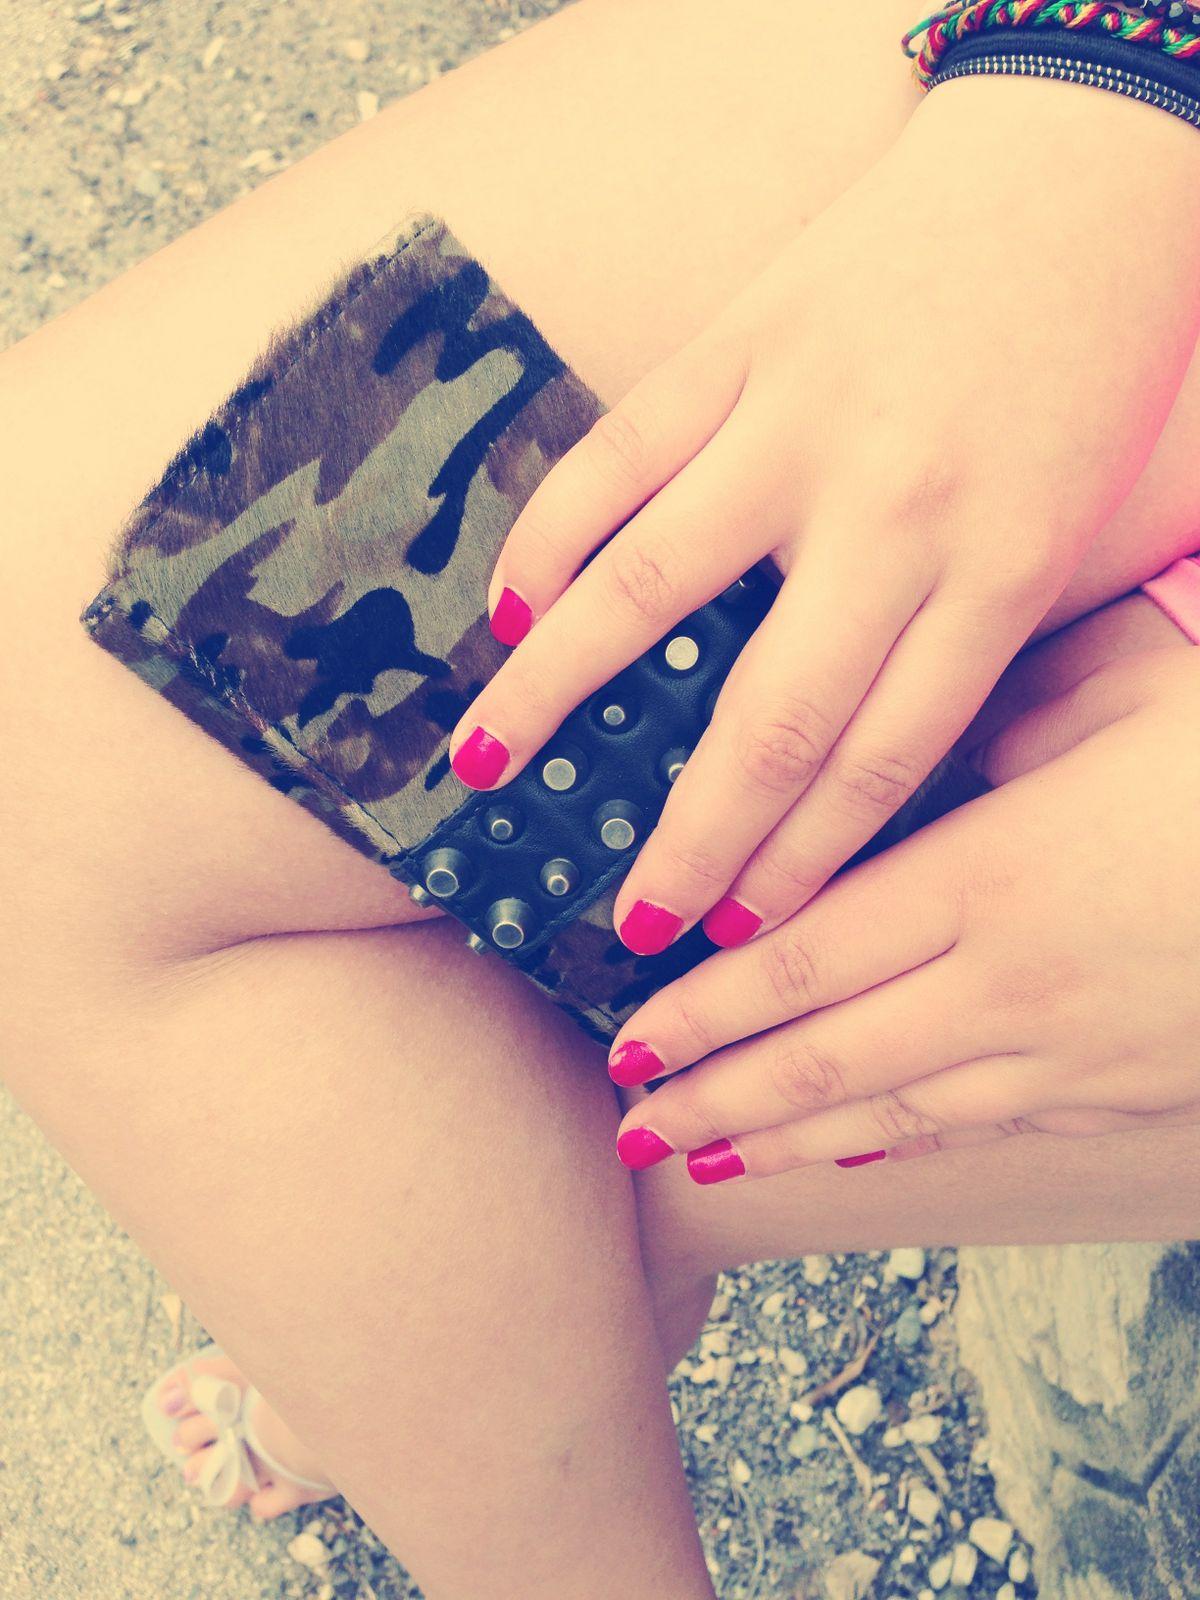 Mon portefeuille d'amour militaire a clous de chez zara